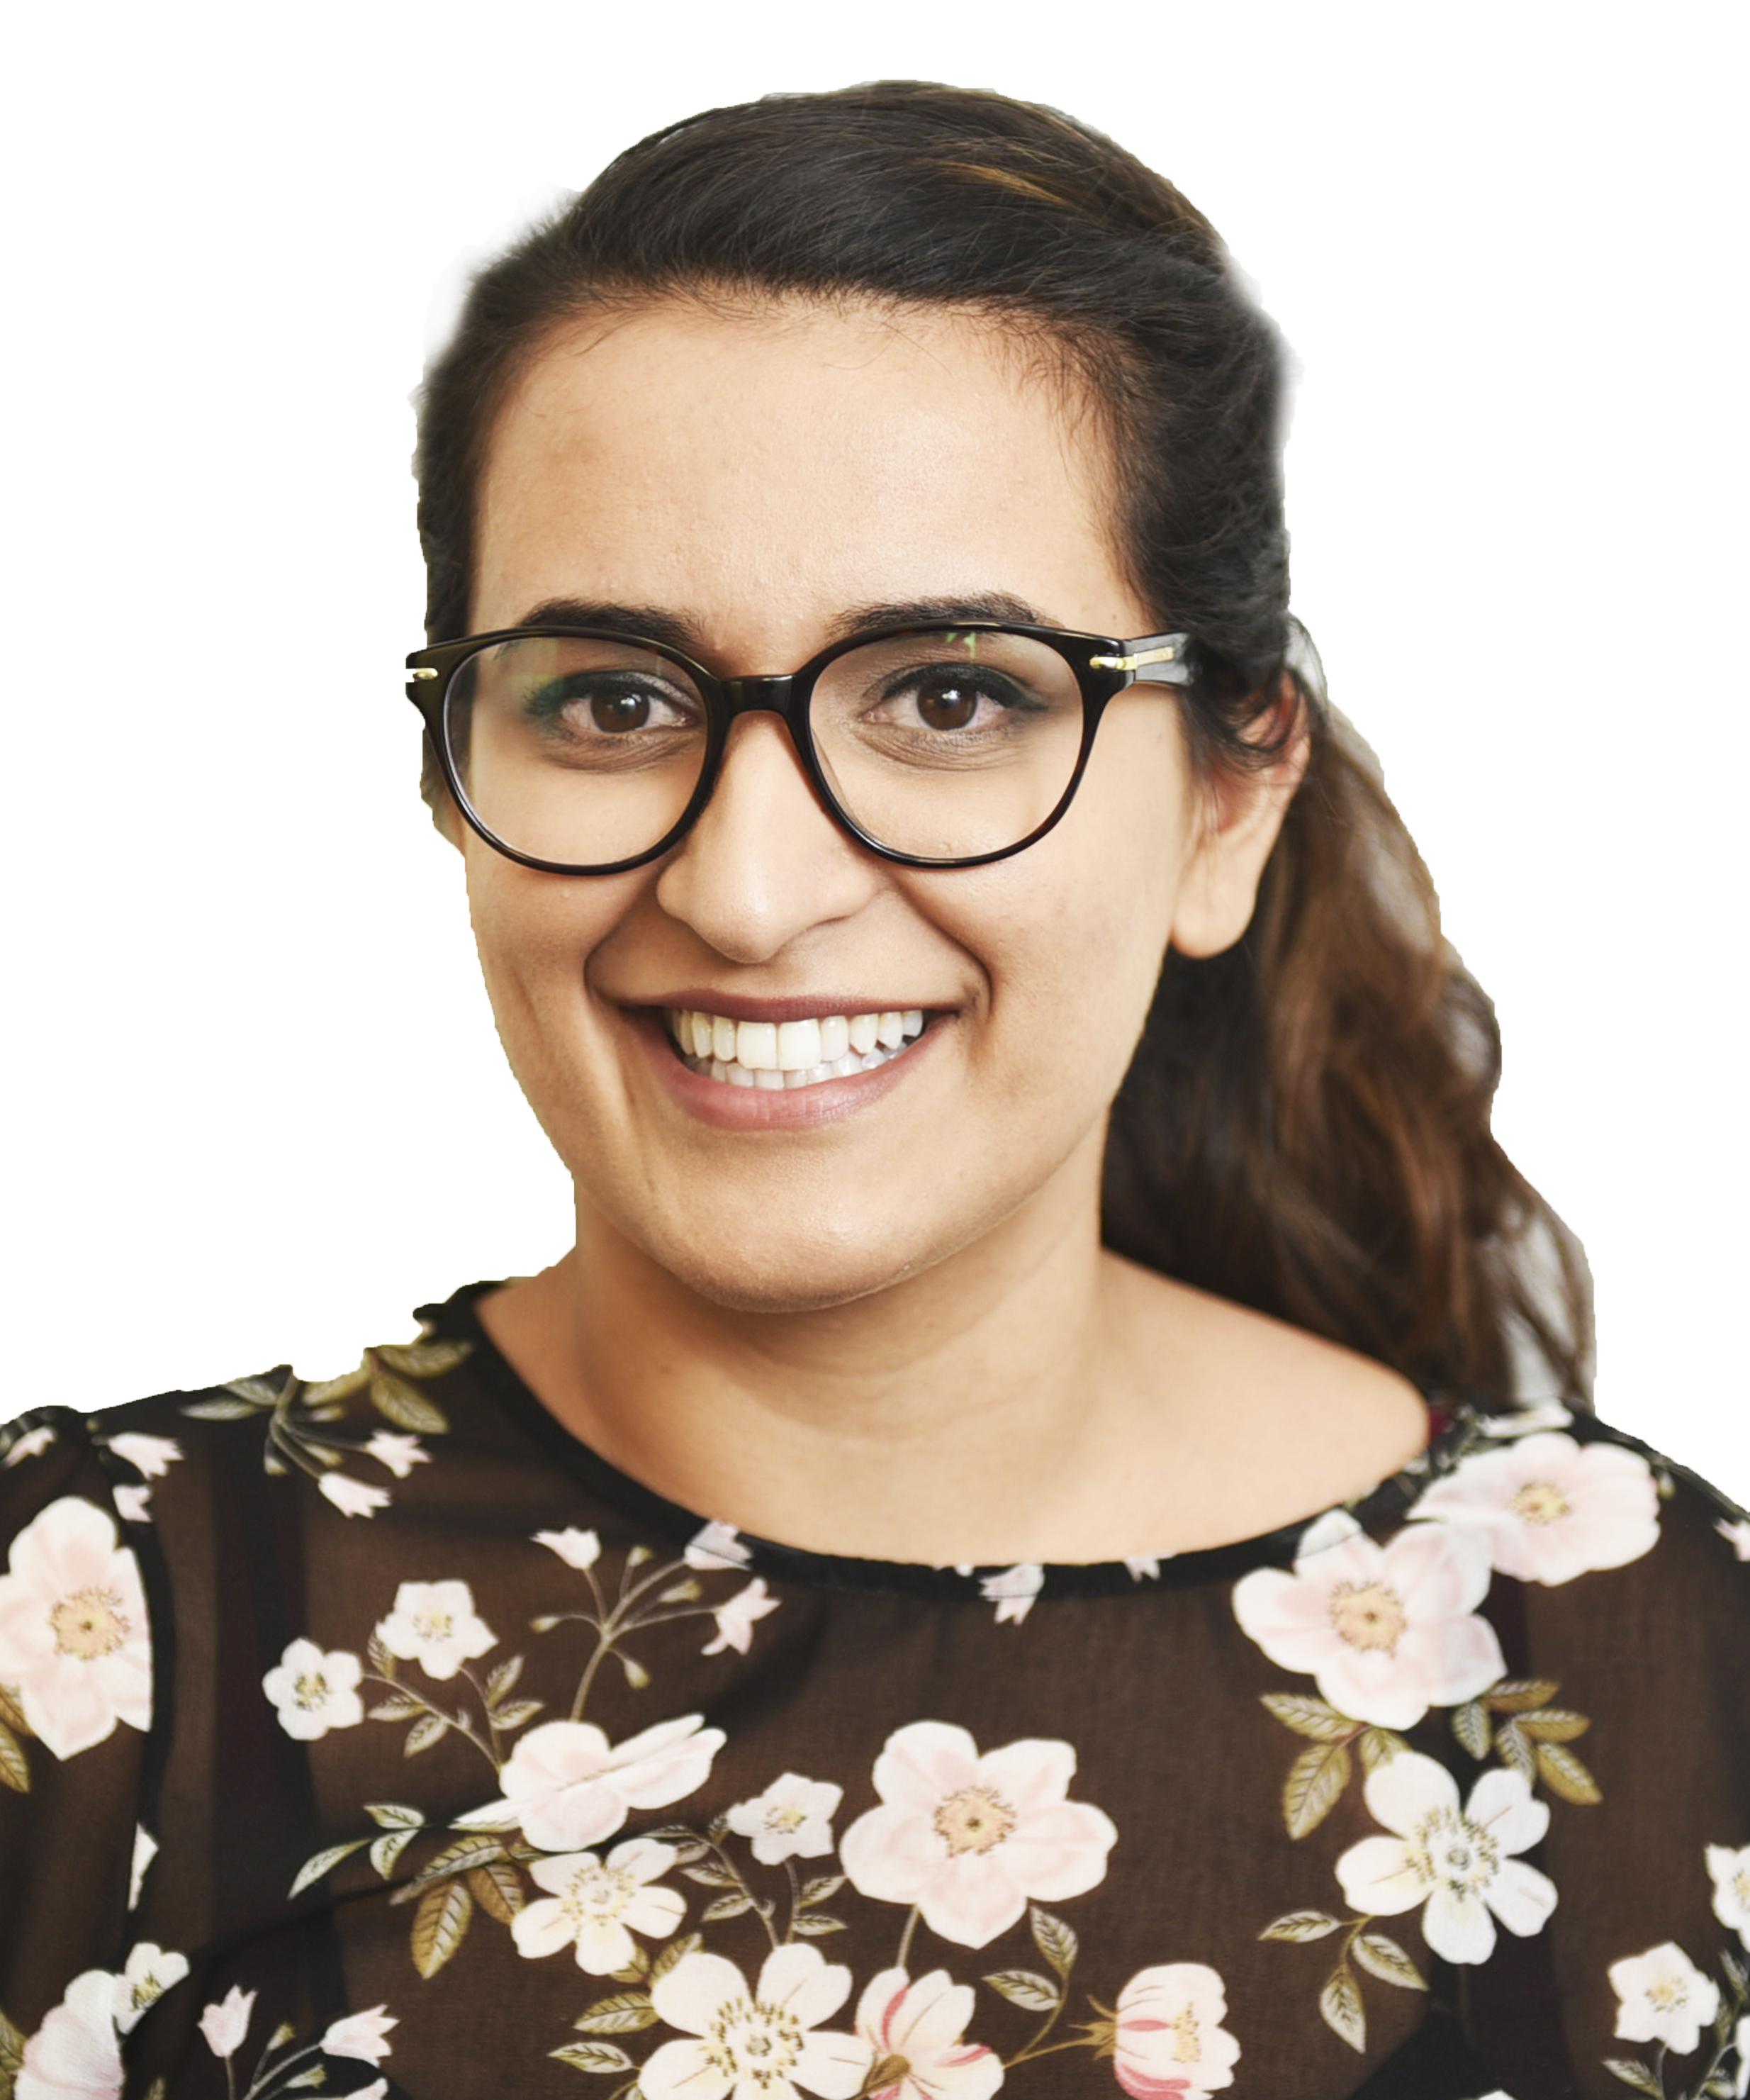 Fatima Jawaid